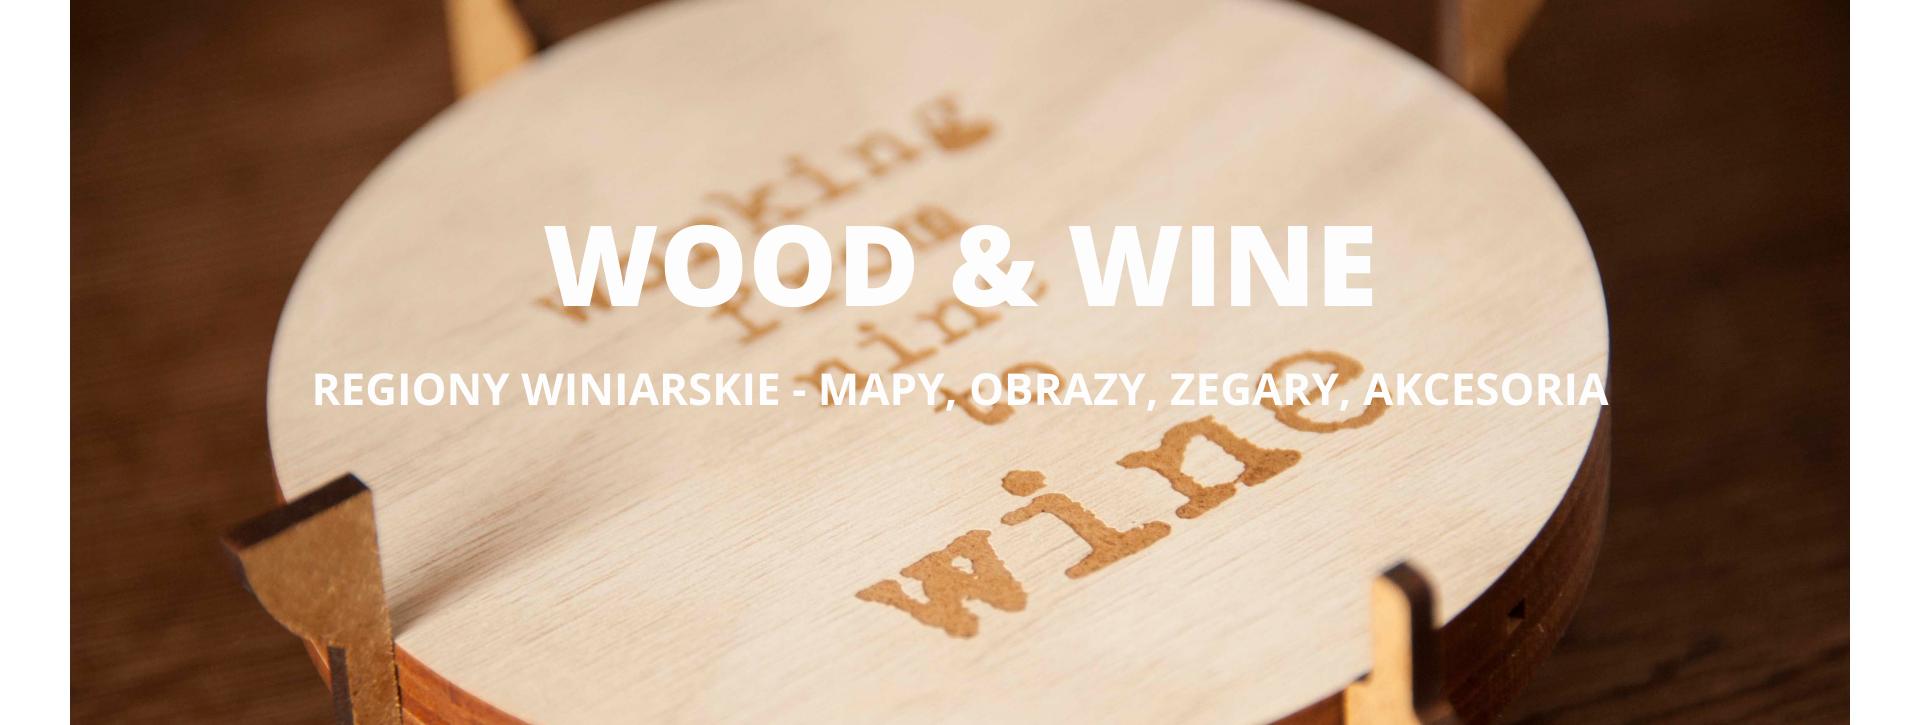 WOOD&WINE